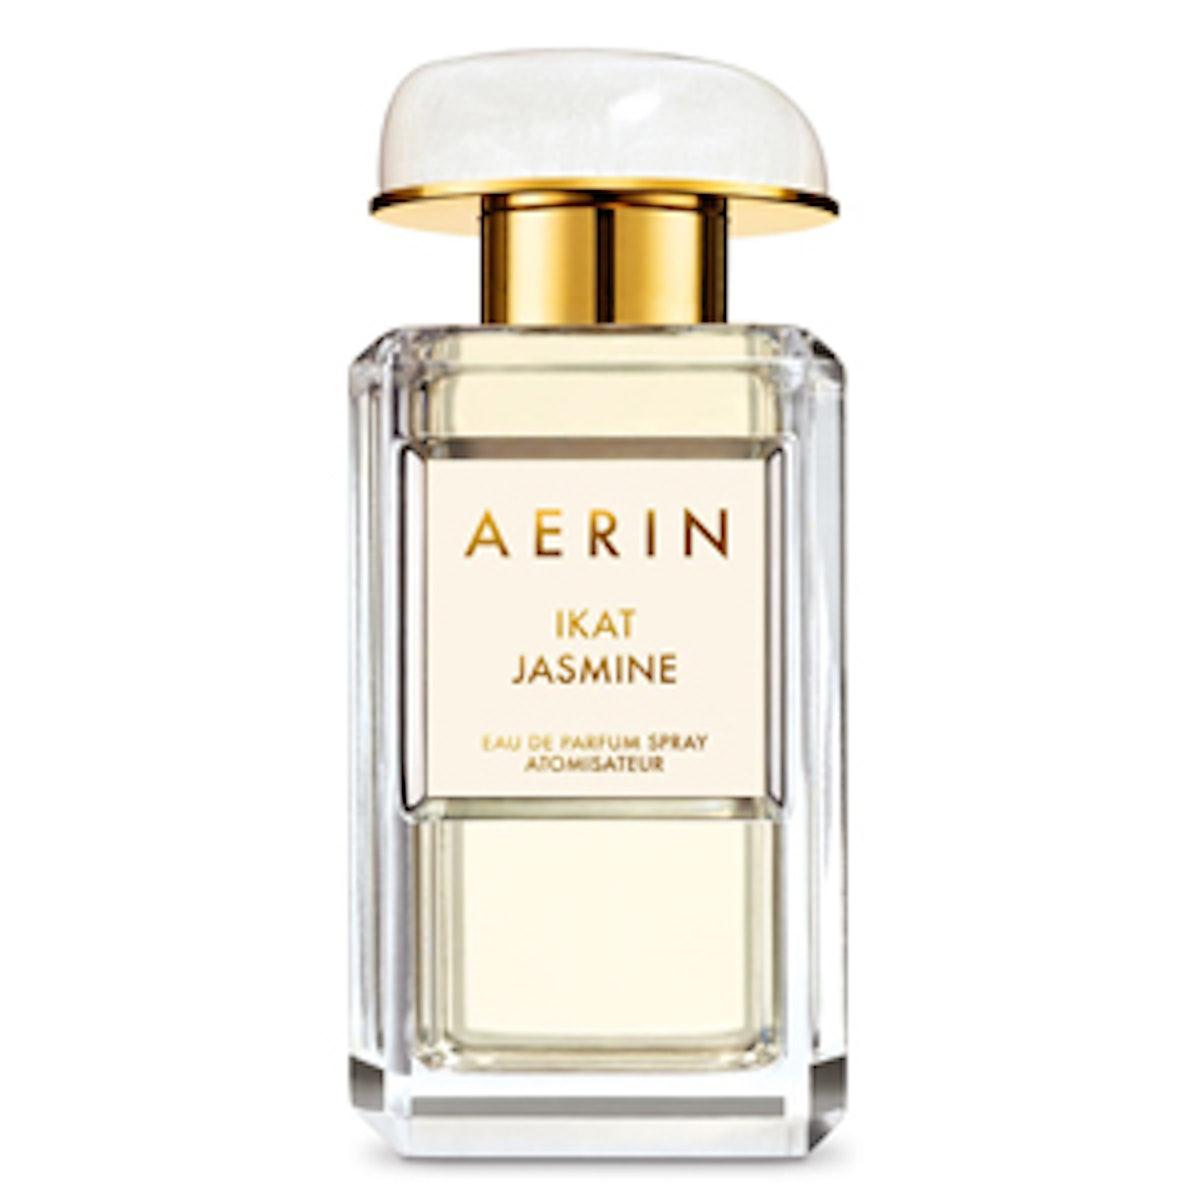 Ikat Jasmine Perfume